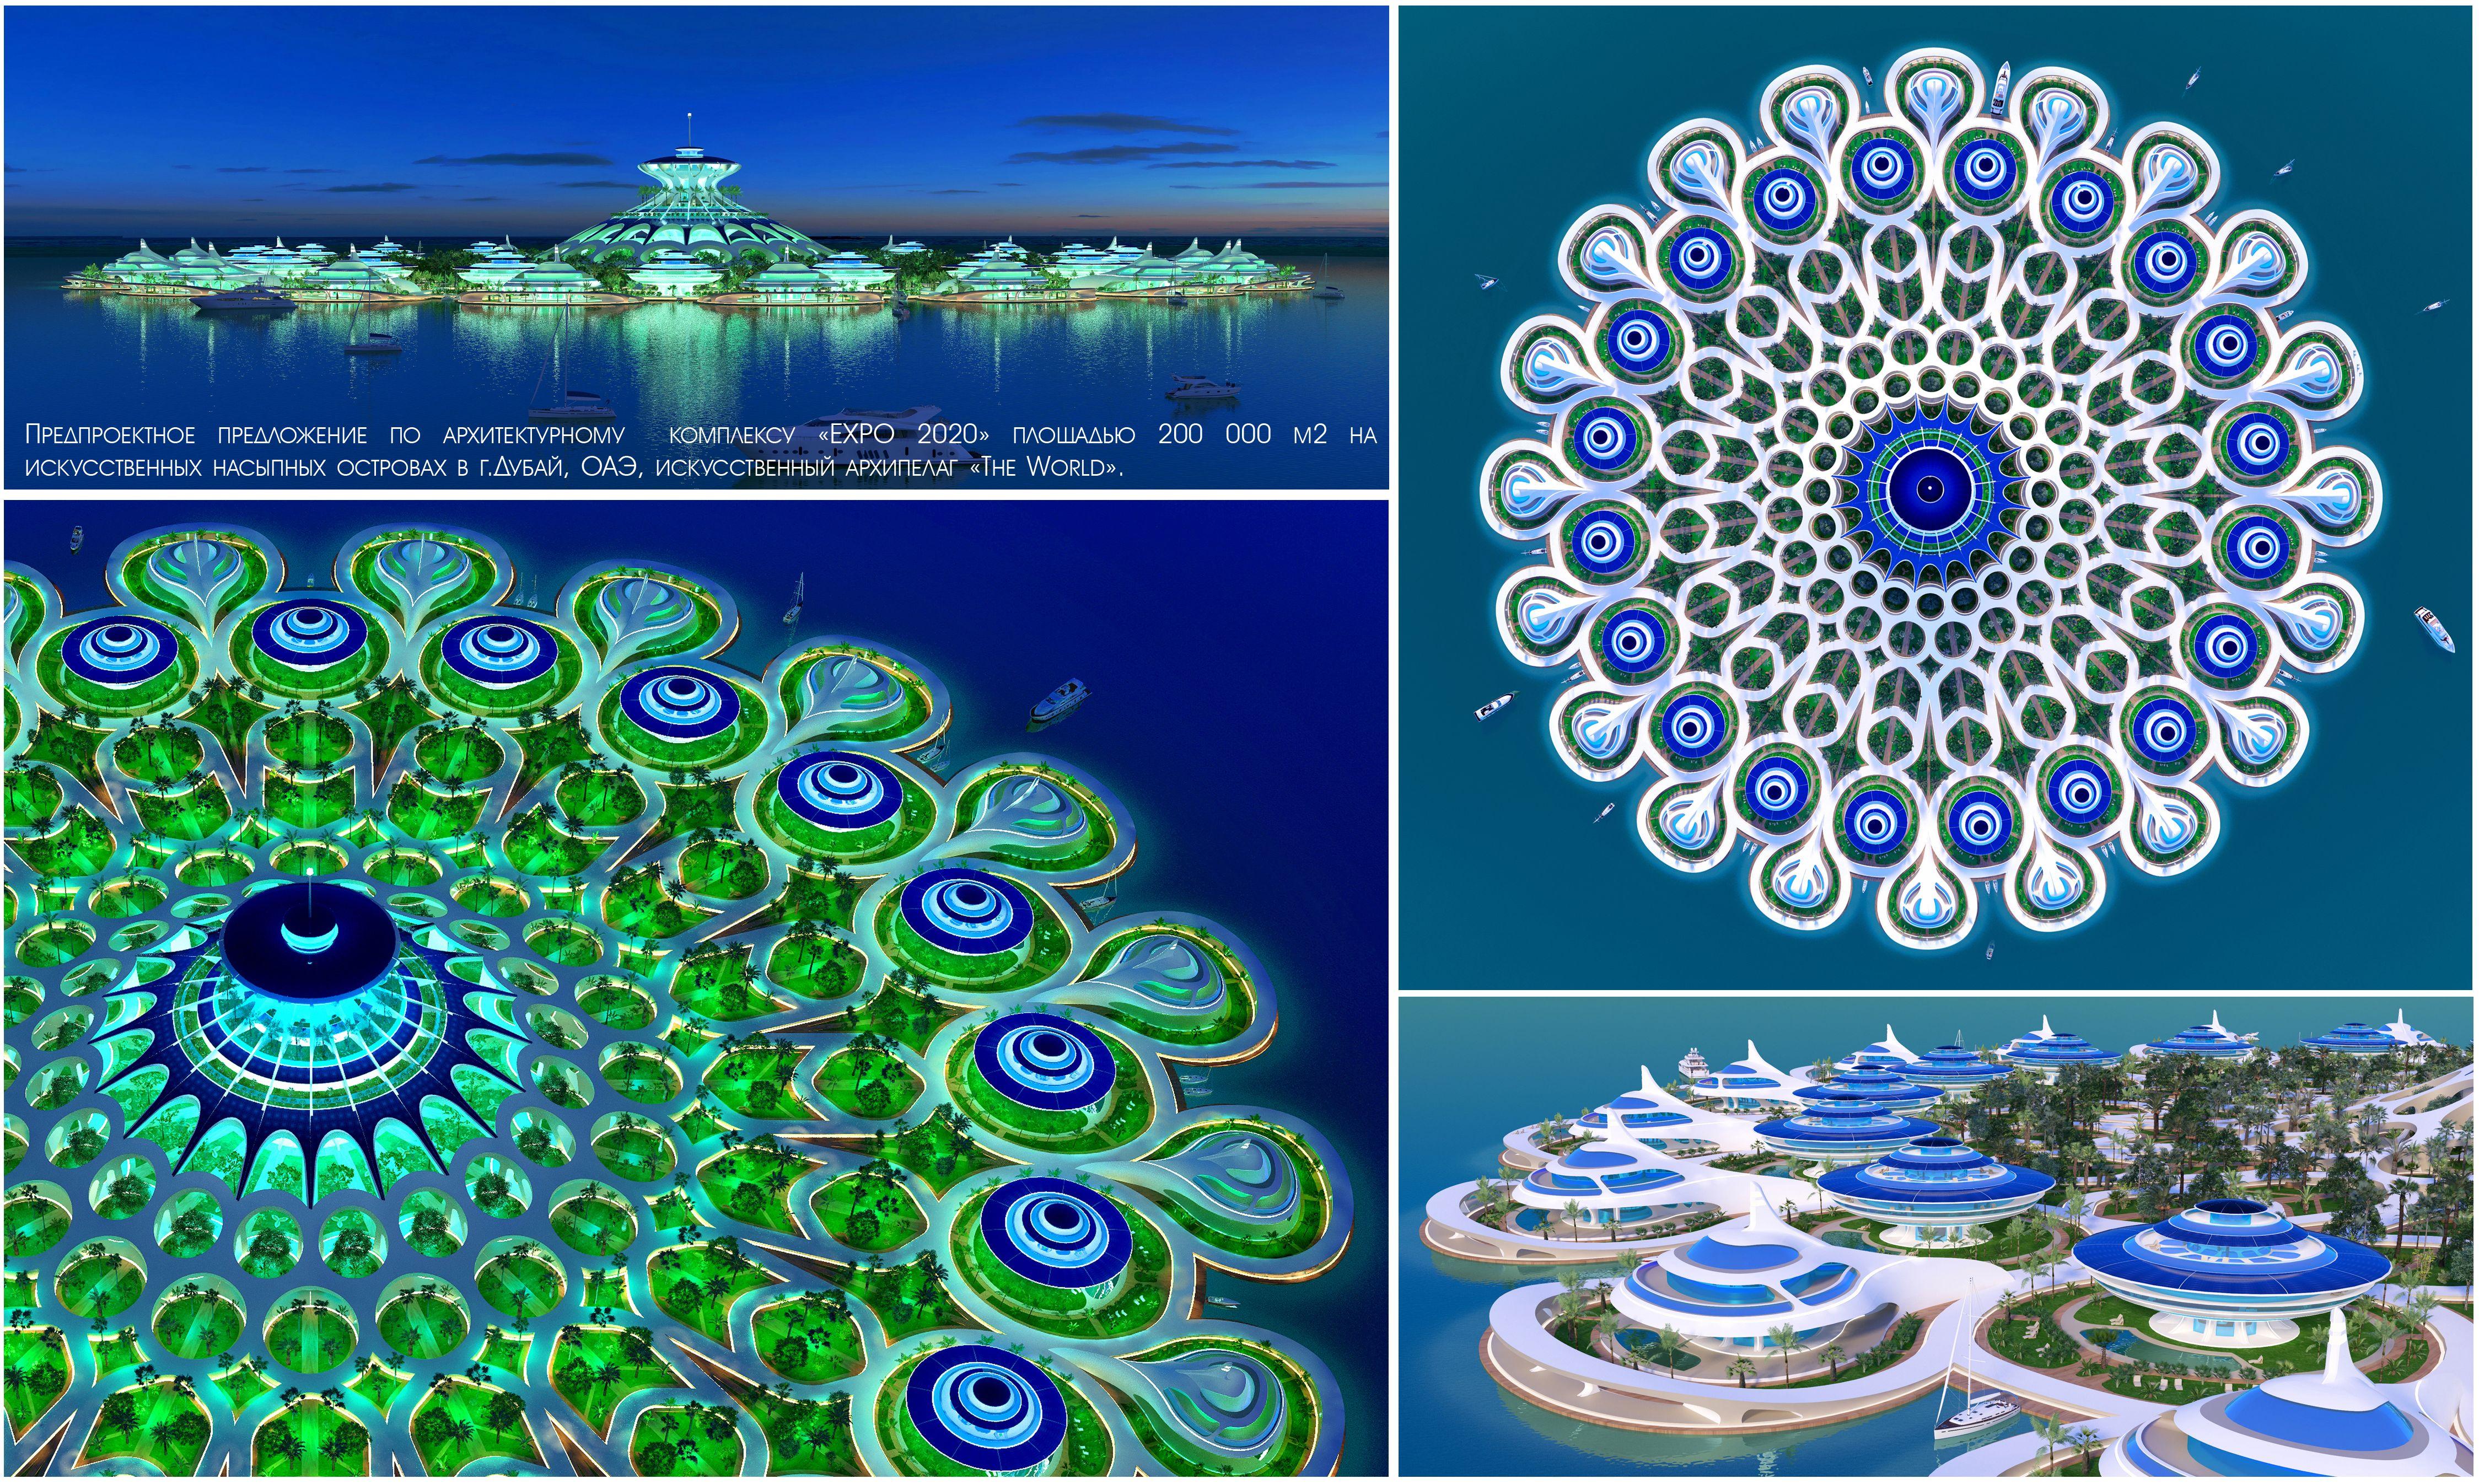 Архитектурная студия «ДГ ПРОЕКТ». Предпроектное предложение по архитектурному комплексу «EXPO 2020» площадью 200000 м² на искусственных насыпных островах. Дубай, ОАЭ, искусственный архипелаг The World